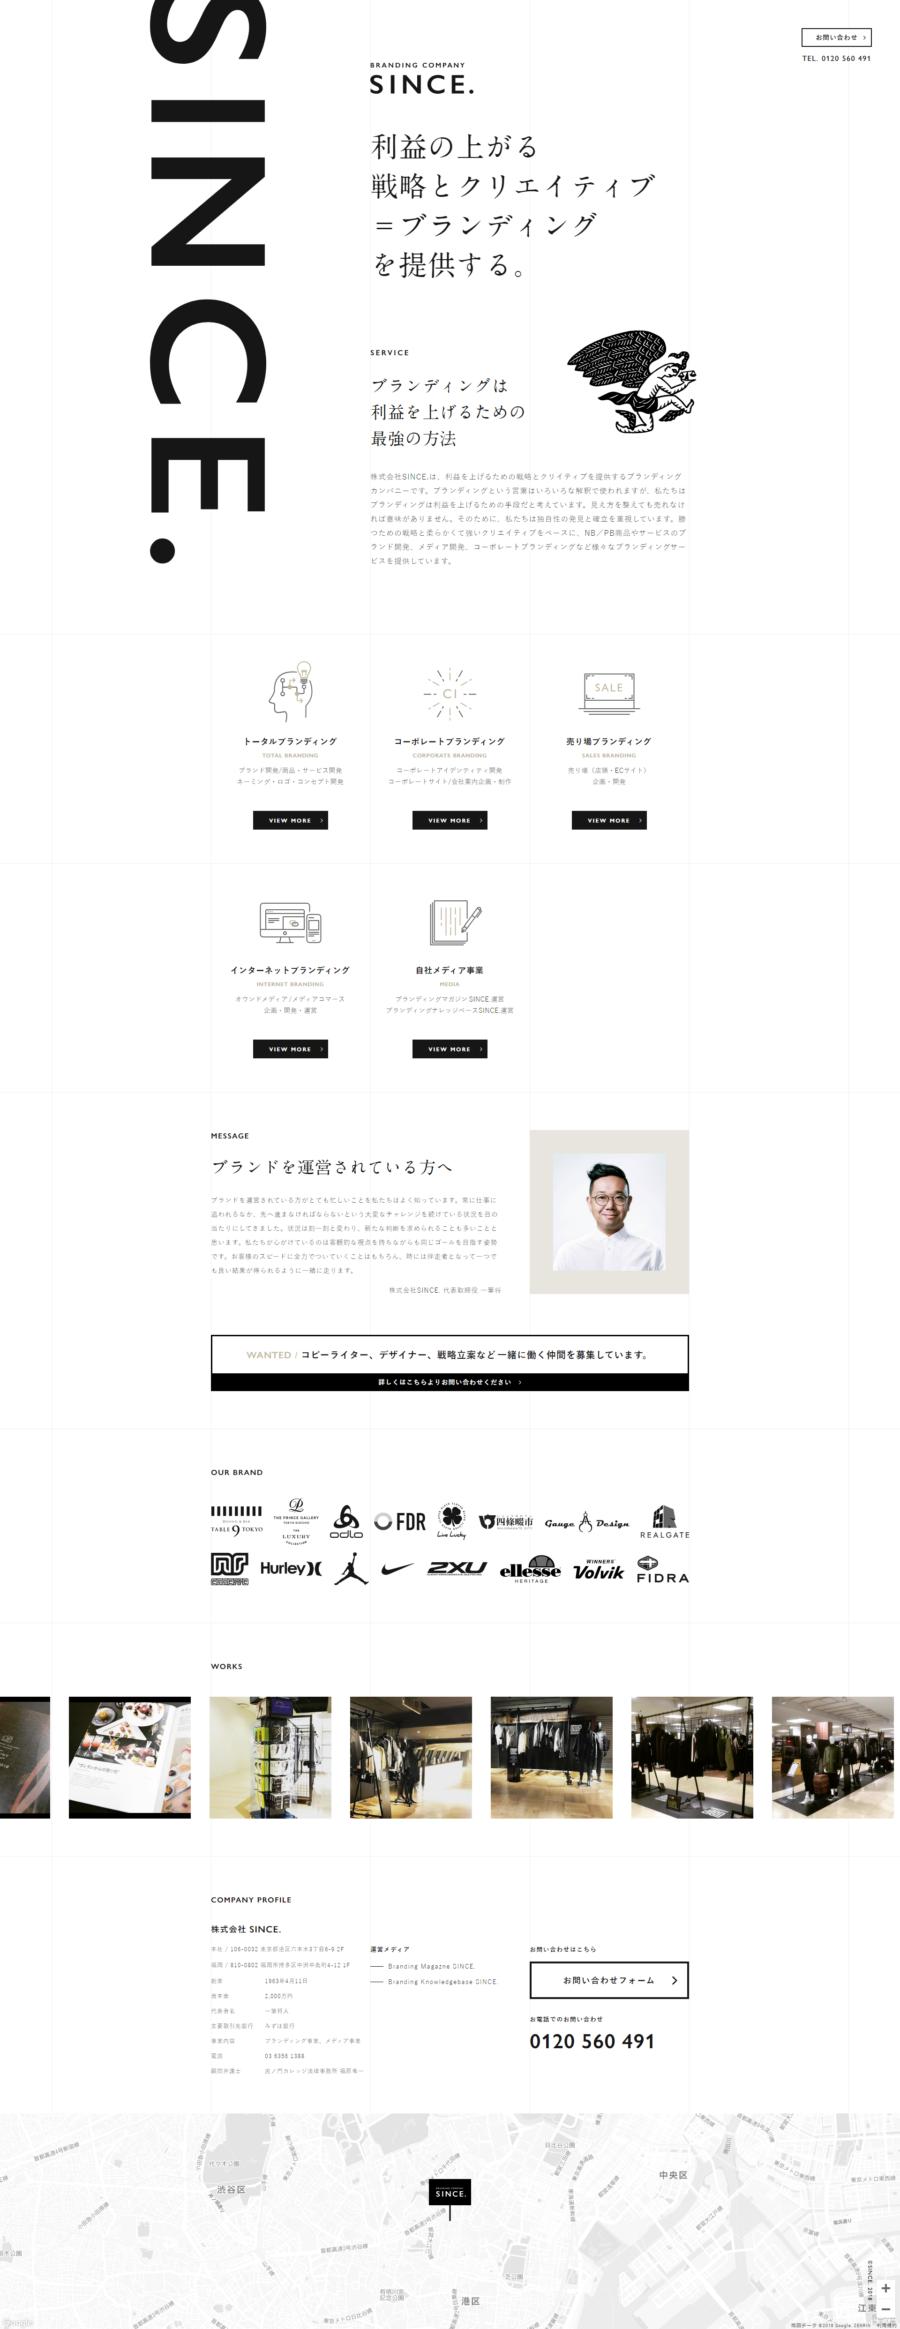 ブランディングカンパニー Since パンフレット デザイン Lp デザイン ウェブデザイン